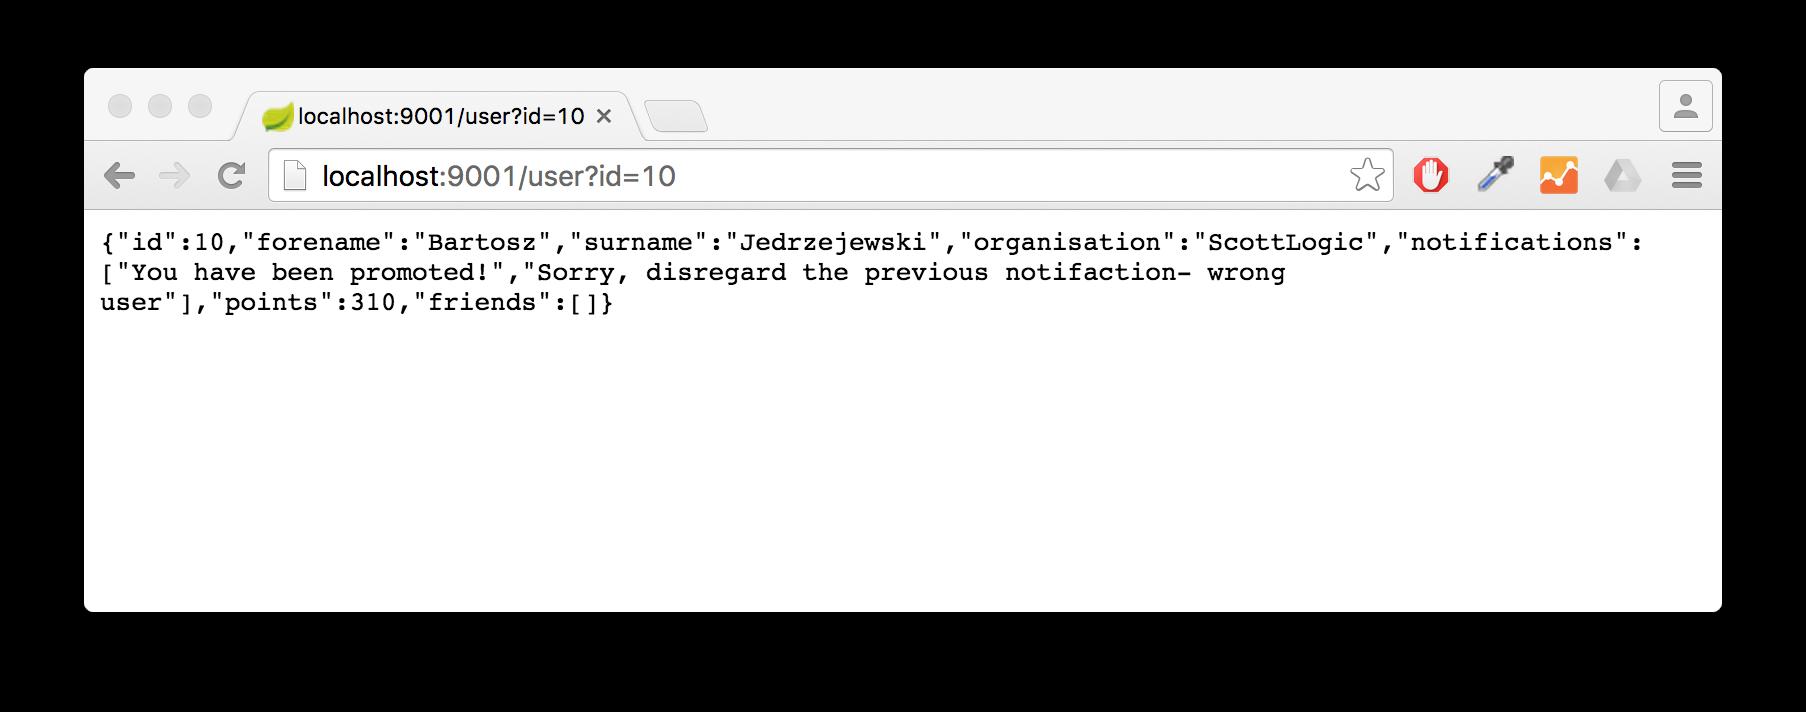 Многократное использование кода в микросервисной архитектуре — на примере SPRING BOOT - 2